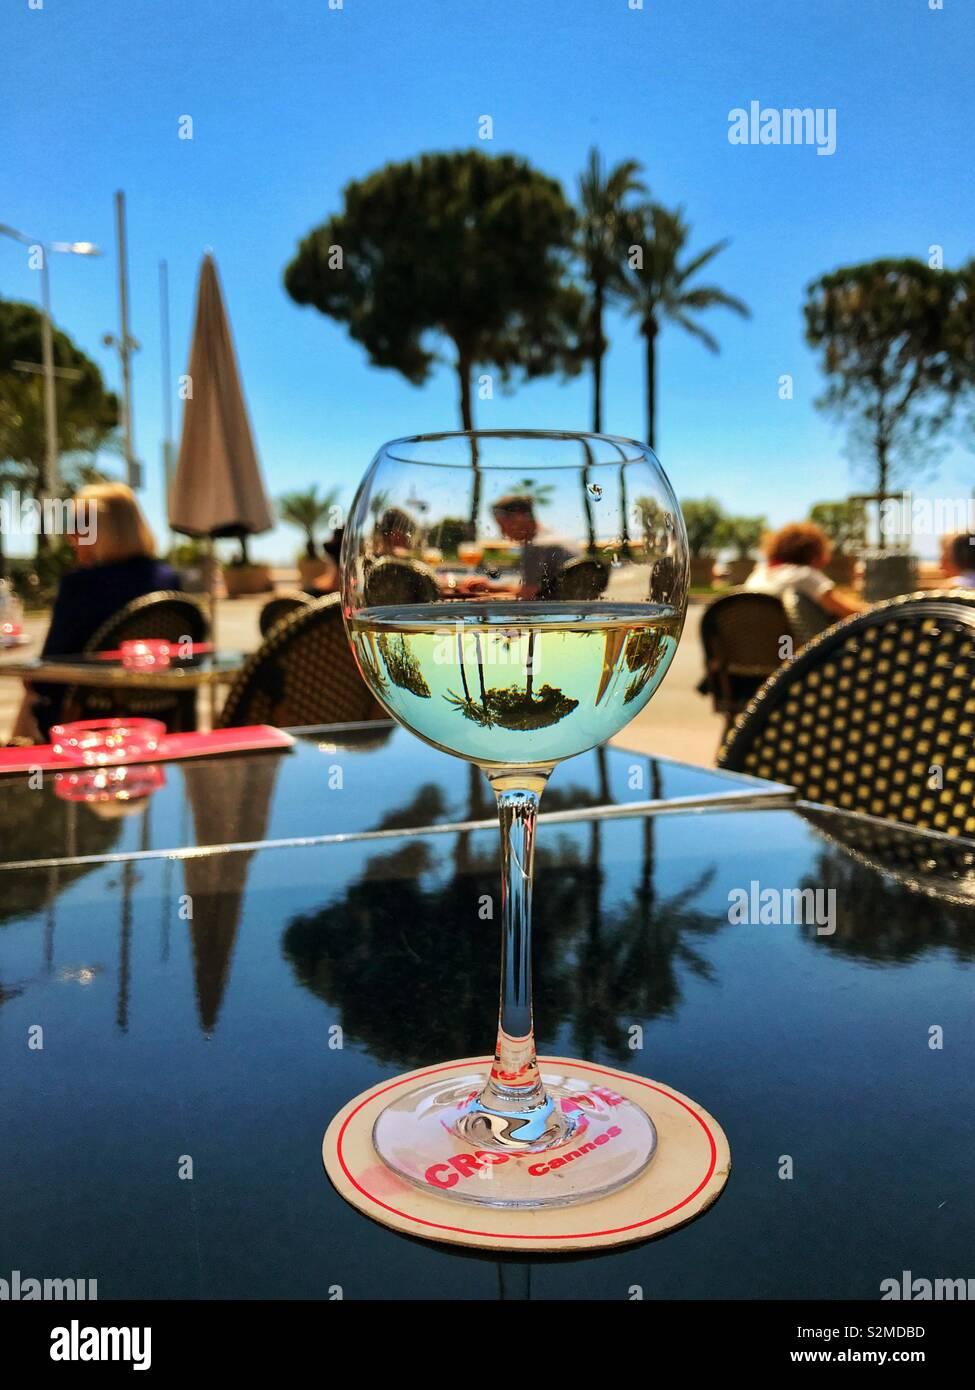 Glas Weißwein auf einem Tisch in einem Restaurant am Meer in Cannes, Frankreich Stockfoto